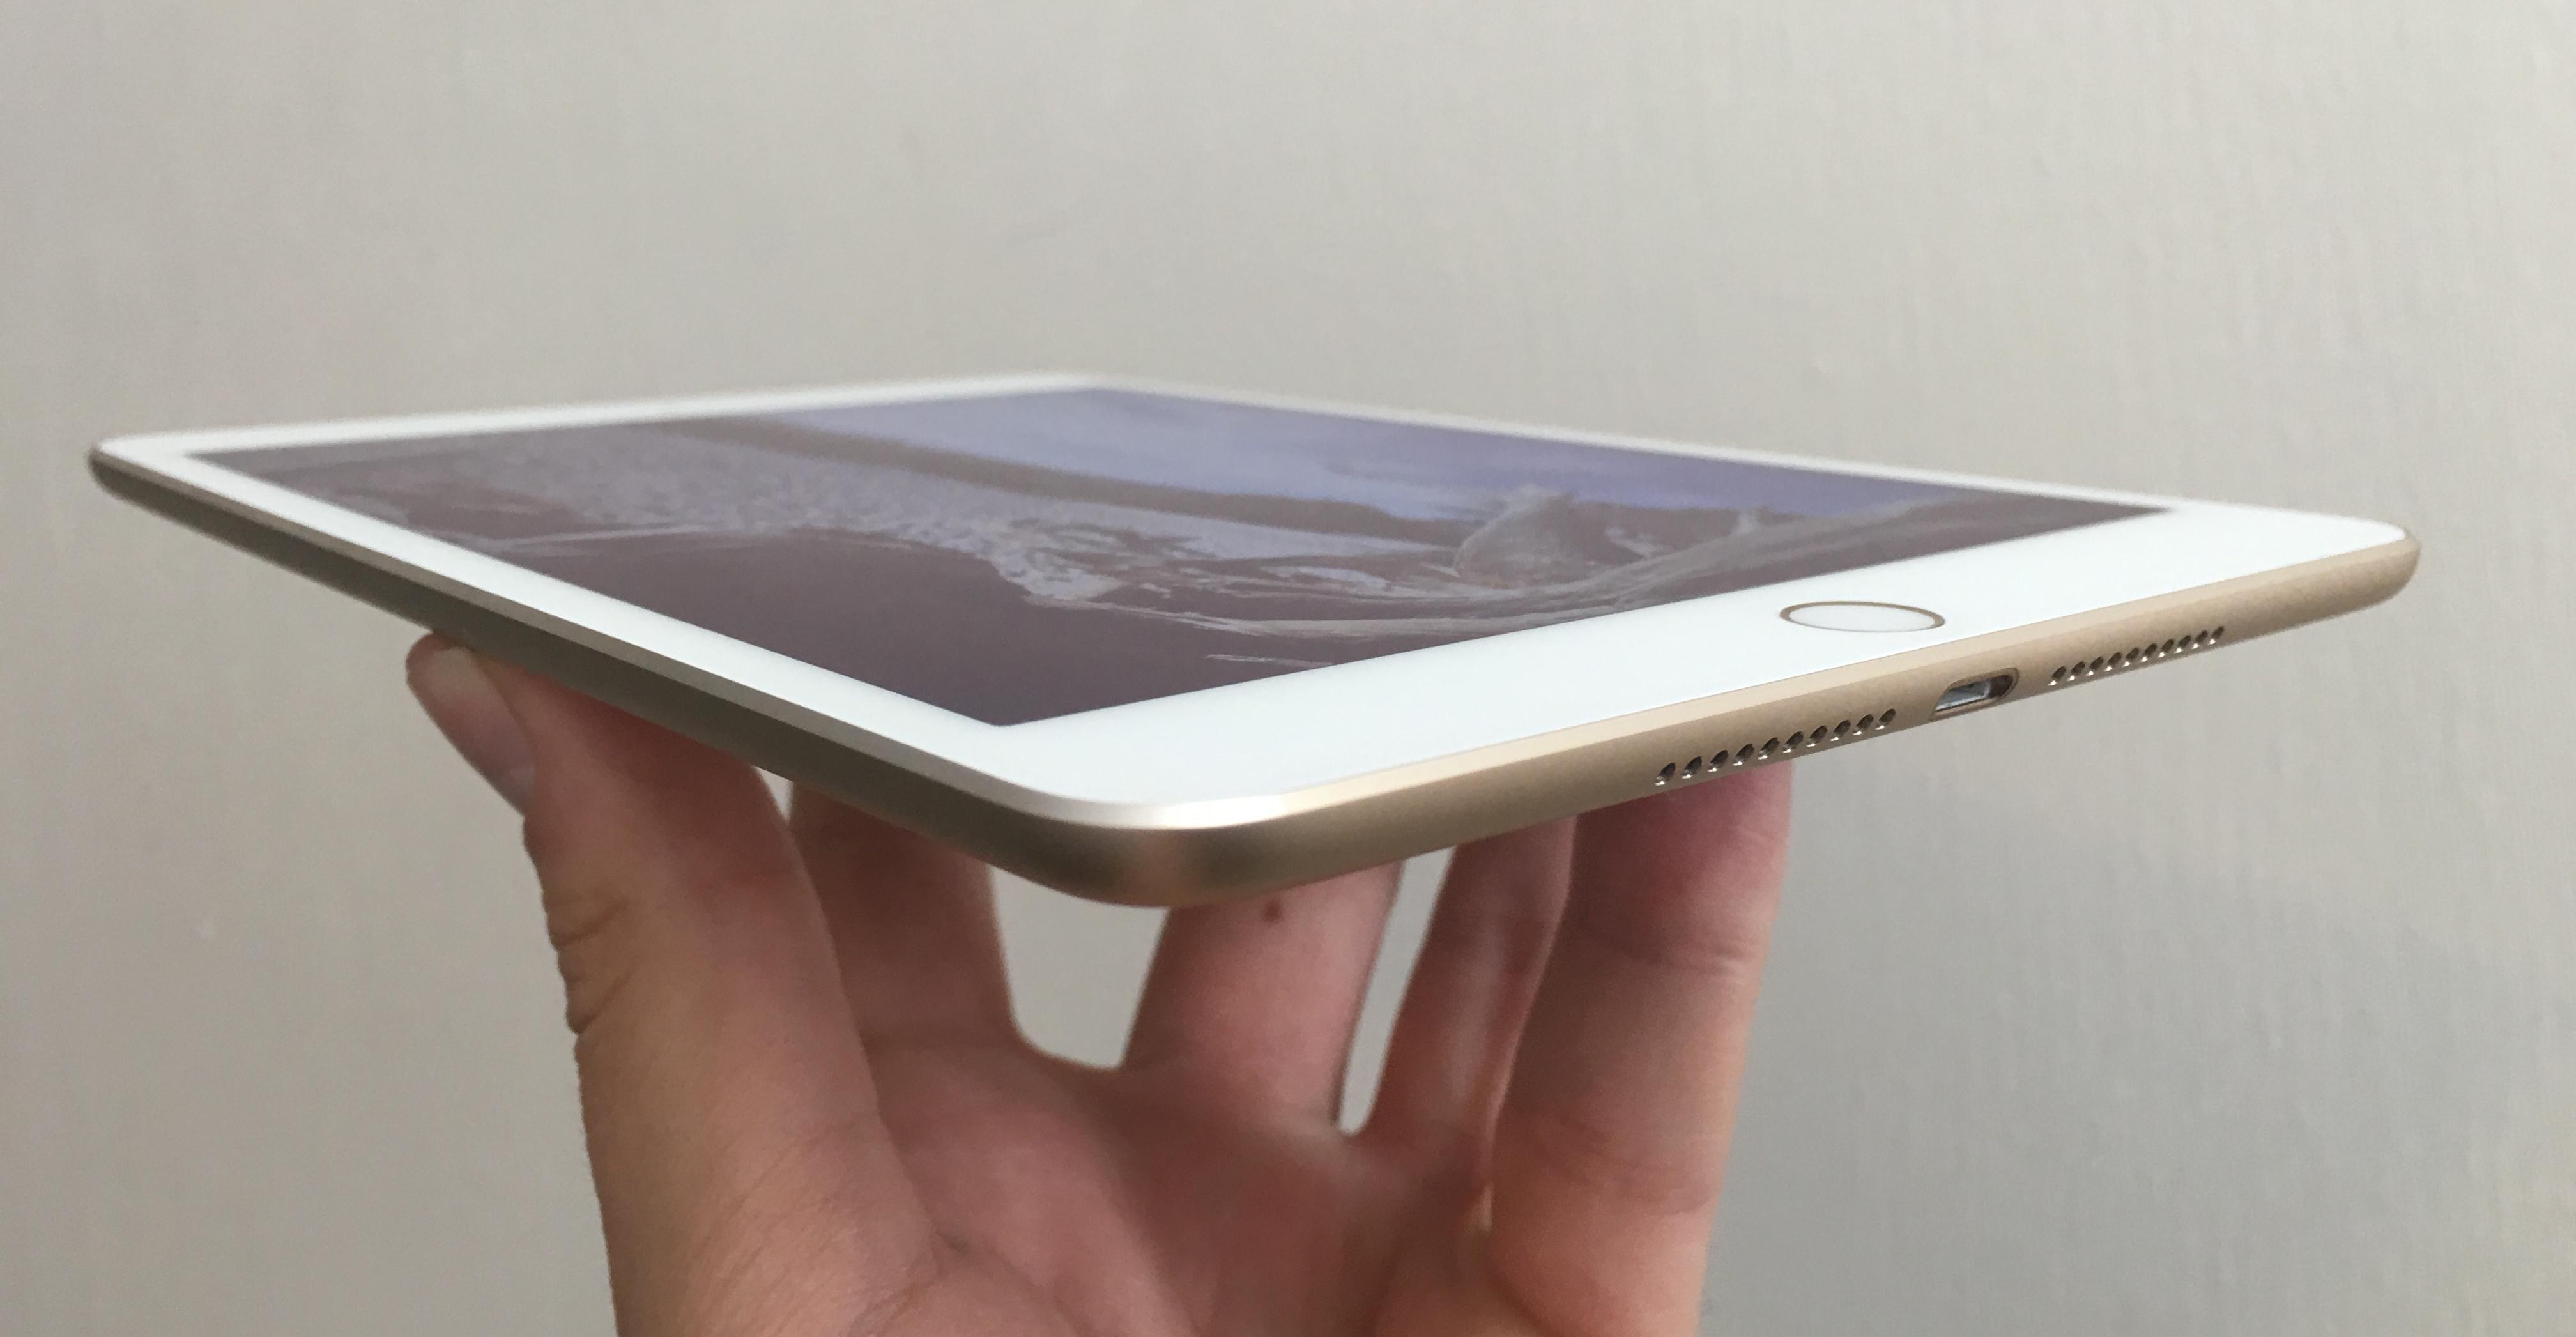 iPad mini 4 er utrolig lett og tynn.